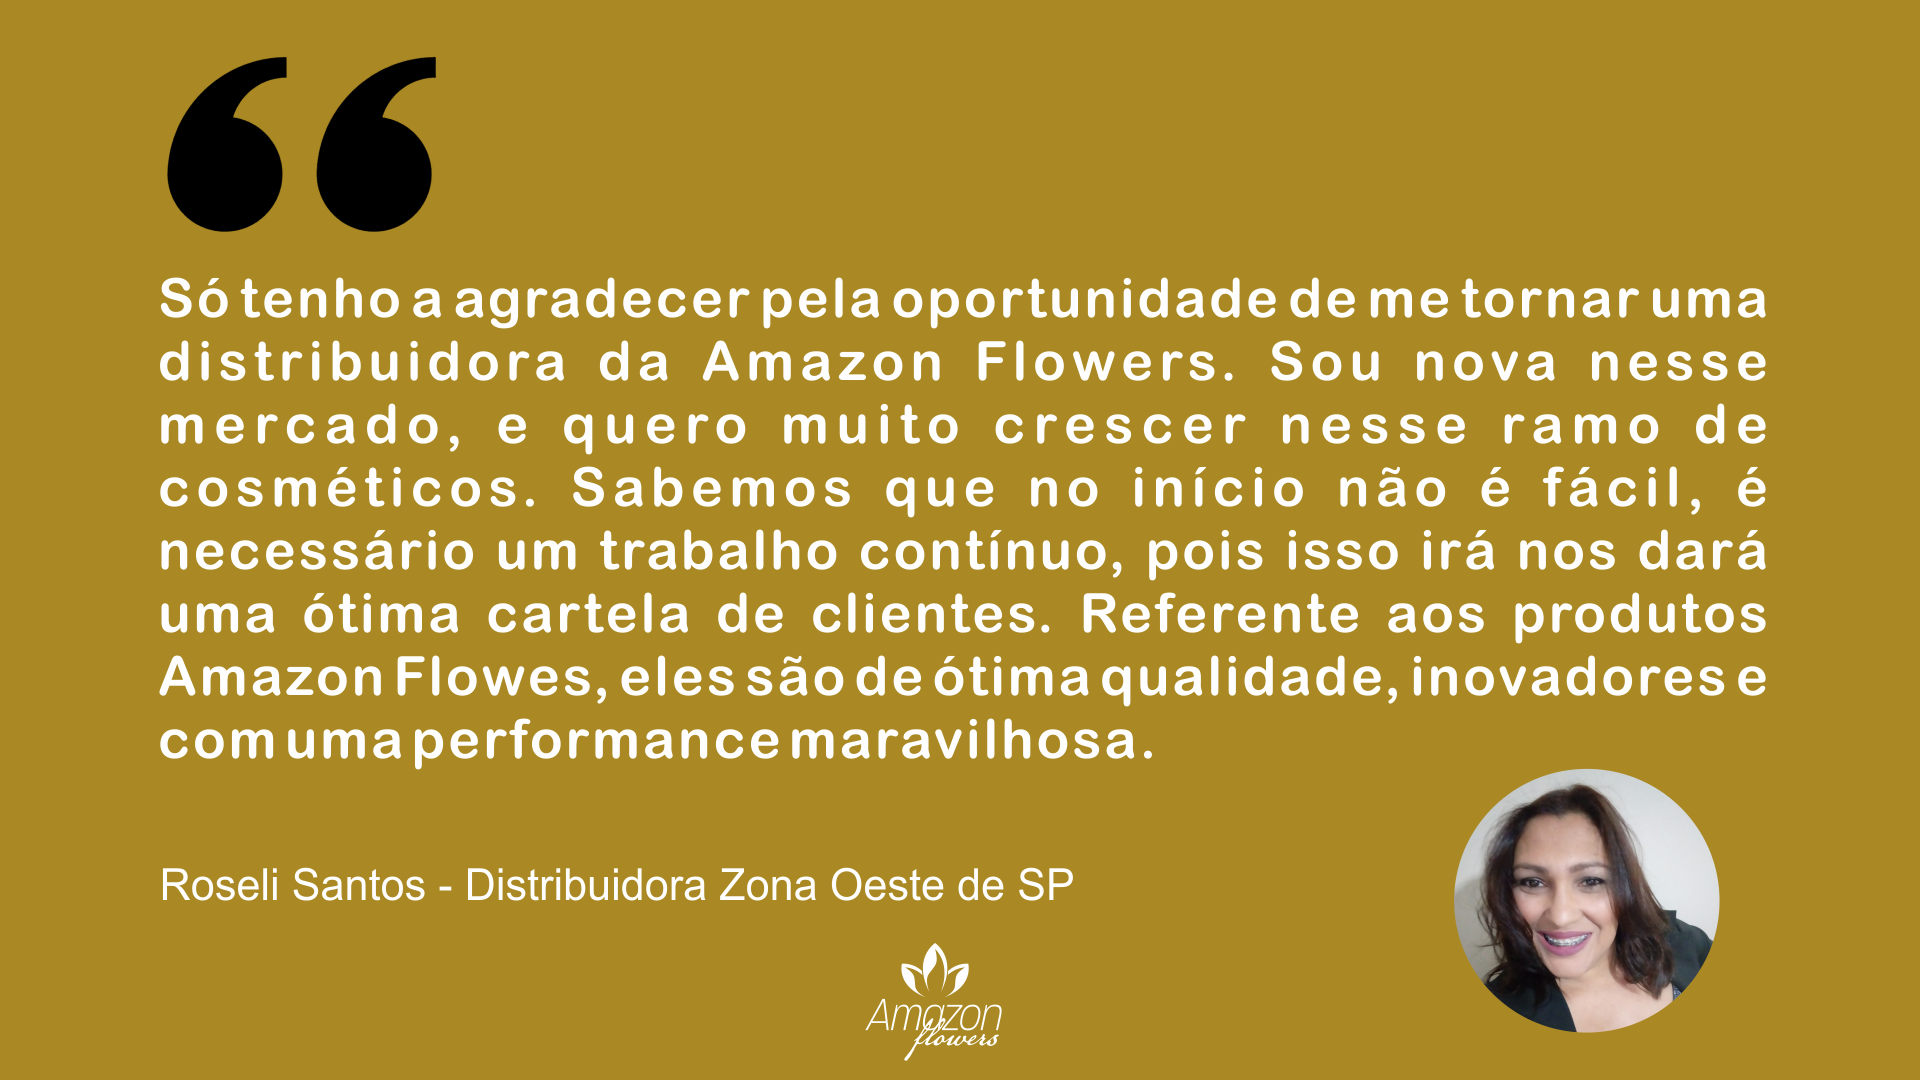 Roseli Santos - Distribuidora Zona Oeste de SP